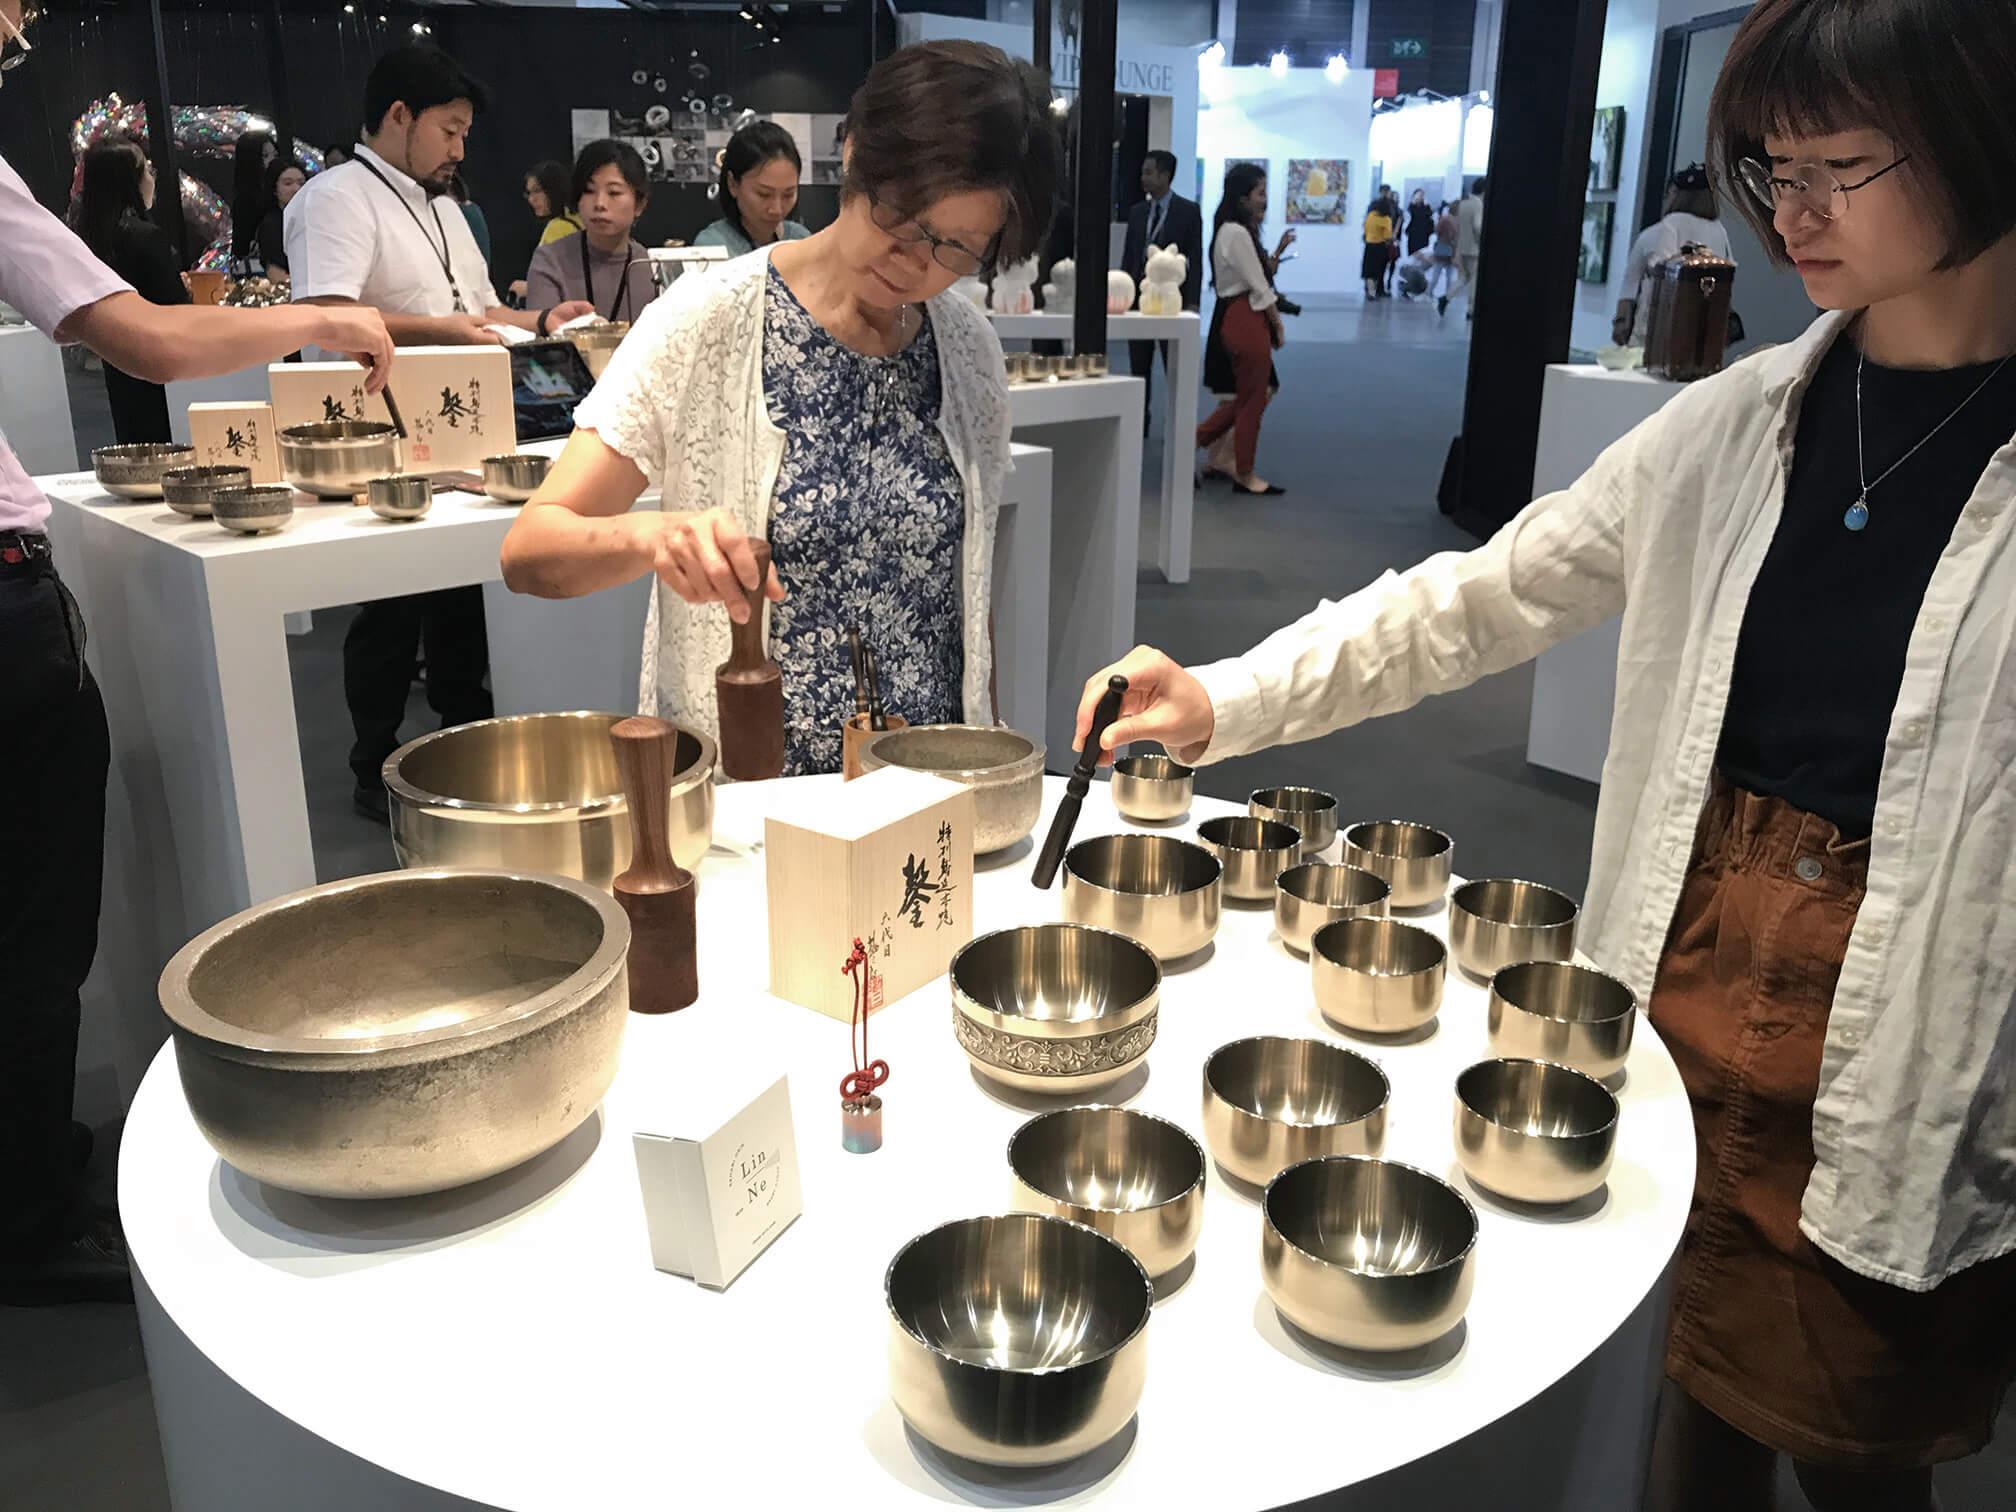 場中也有日本匠人的角落,帶來日本的頂級工藝,觀眾可近距離接觸、把玩。